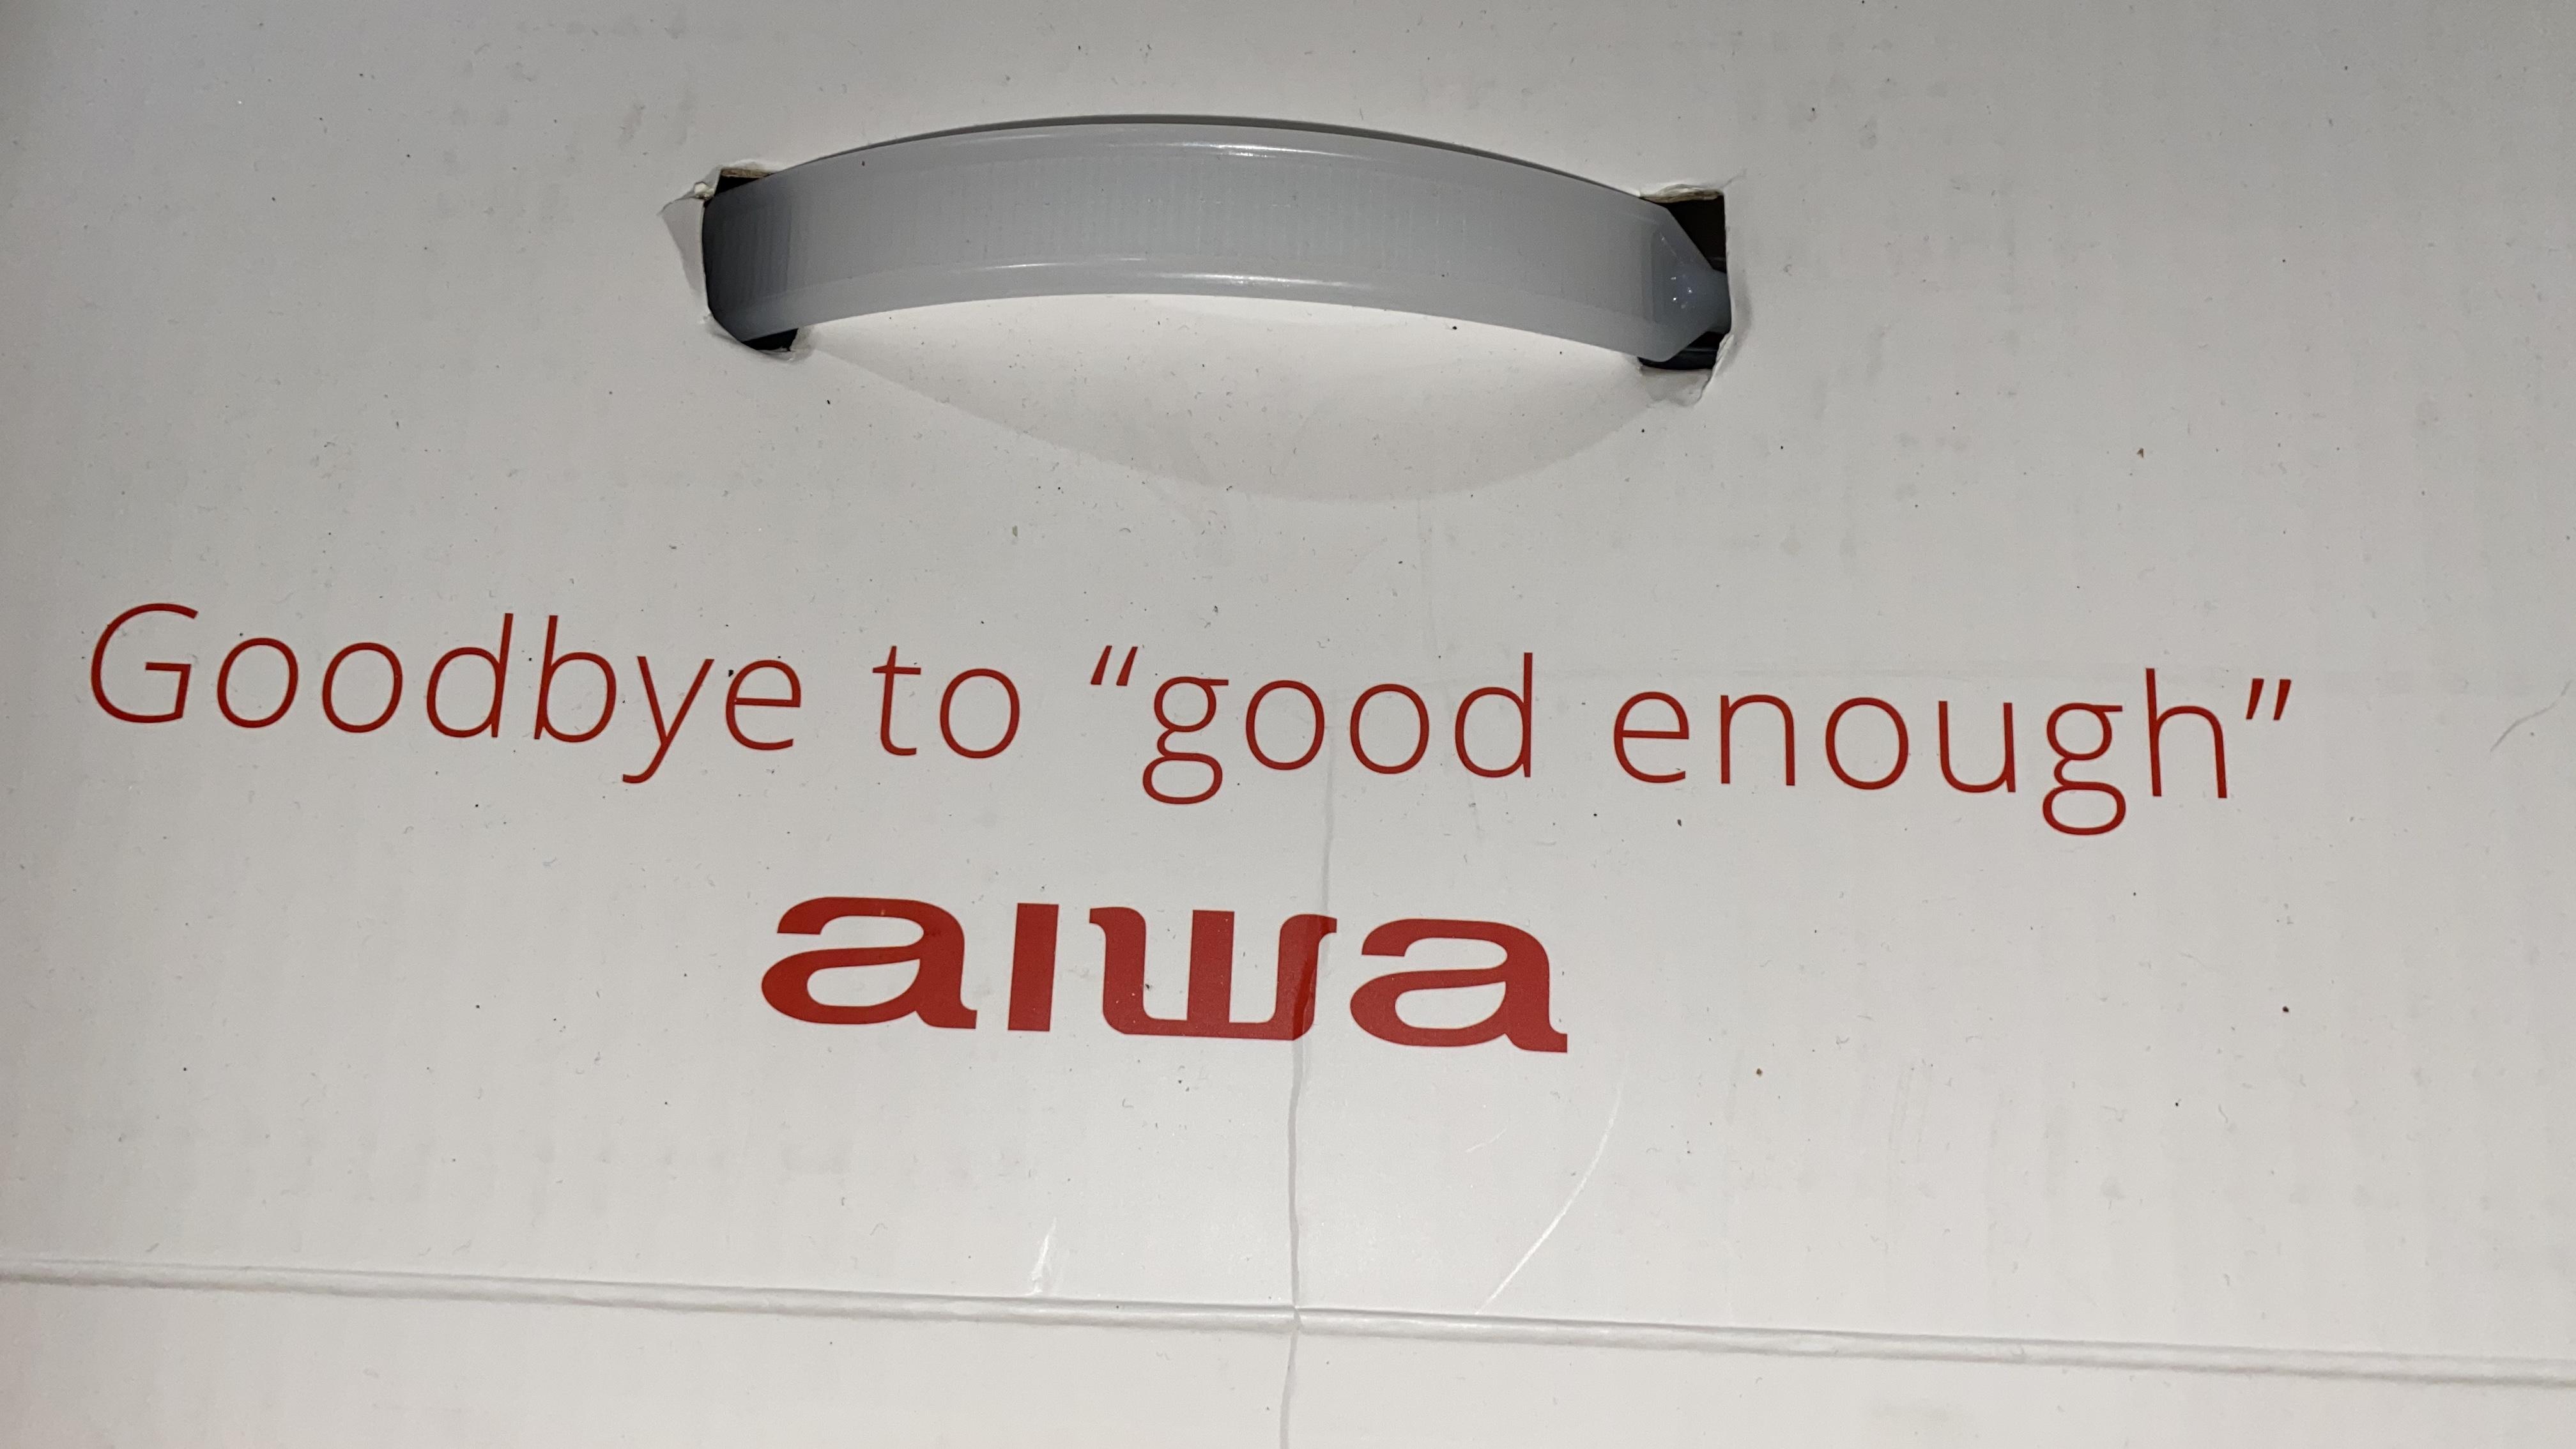 """Goodbye to """"good enough"""" - Aiwa"""